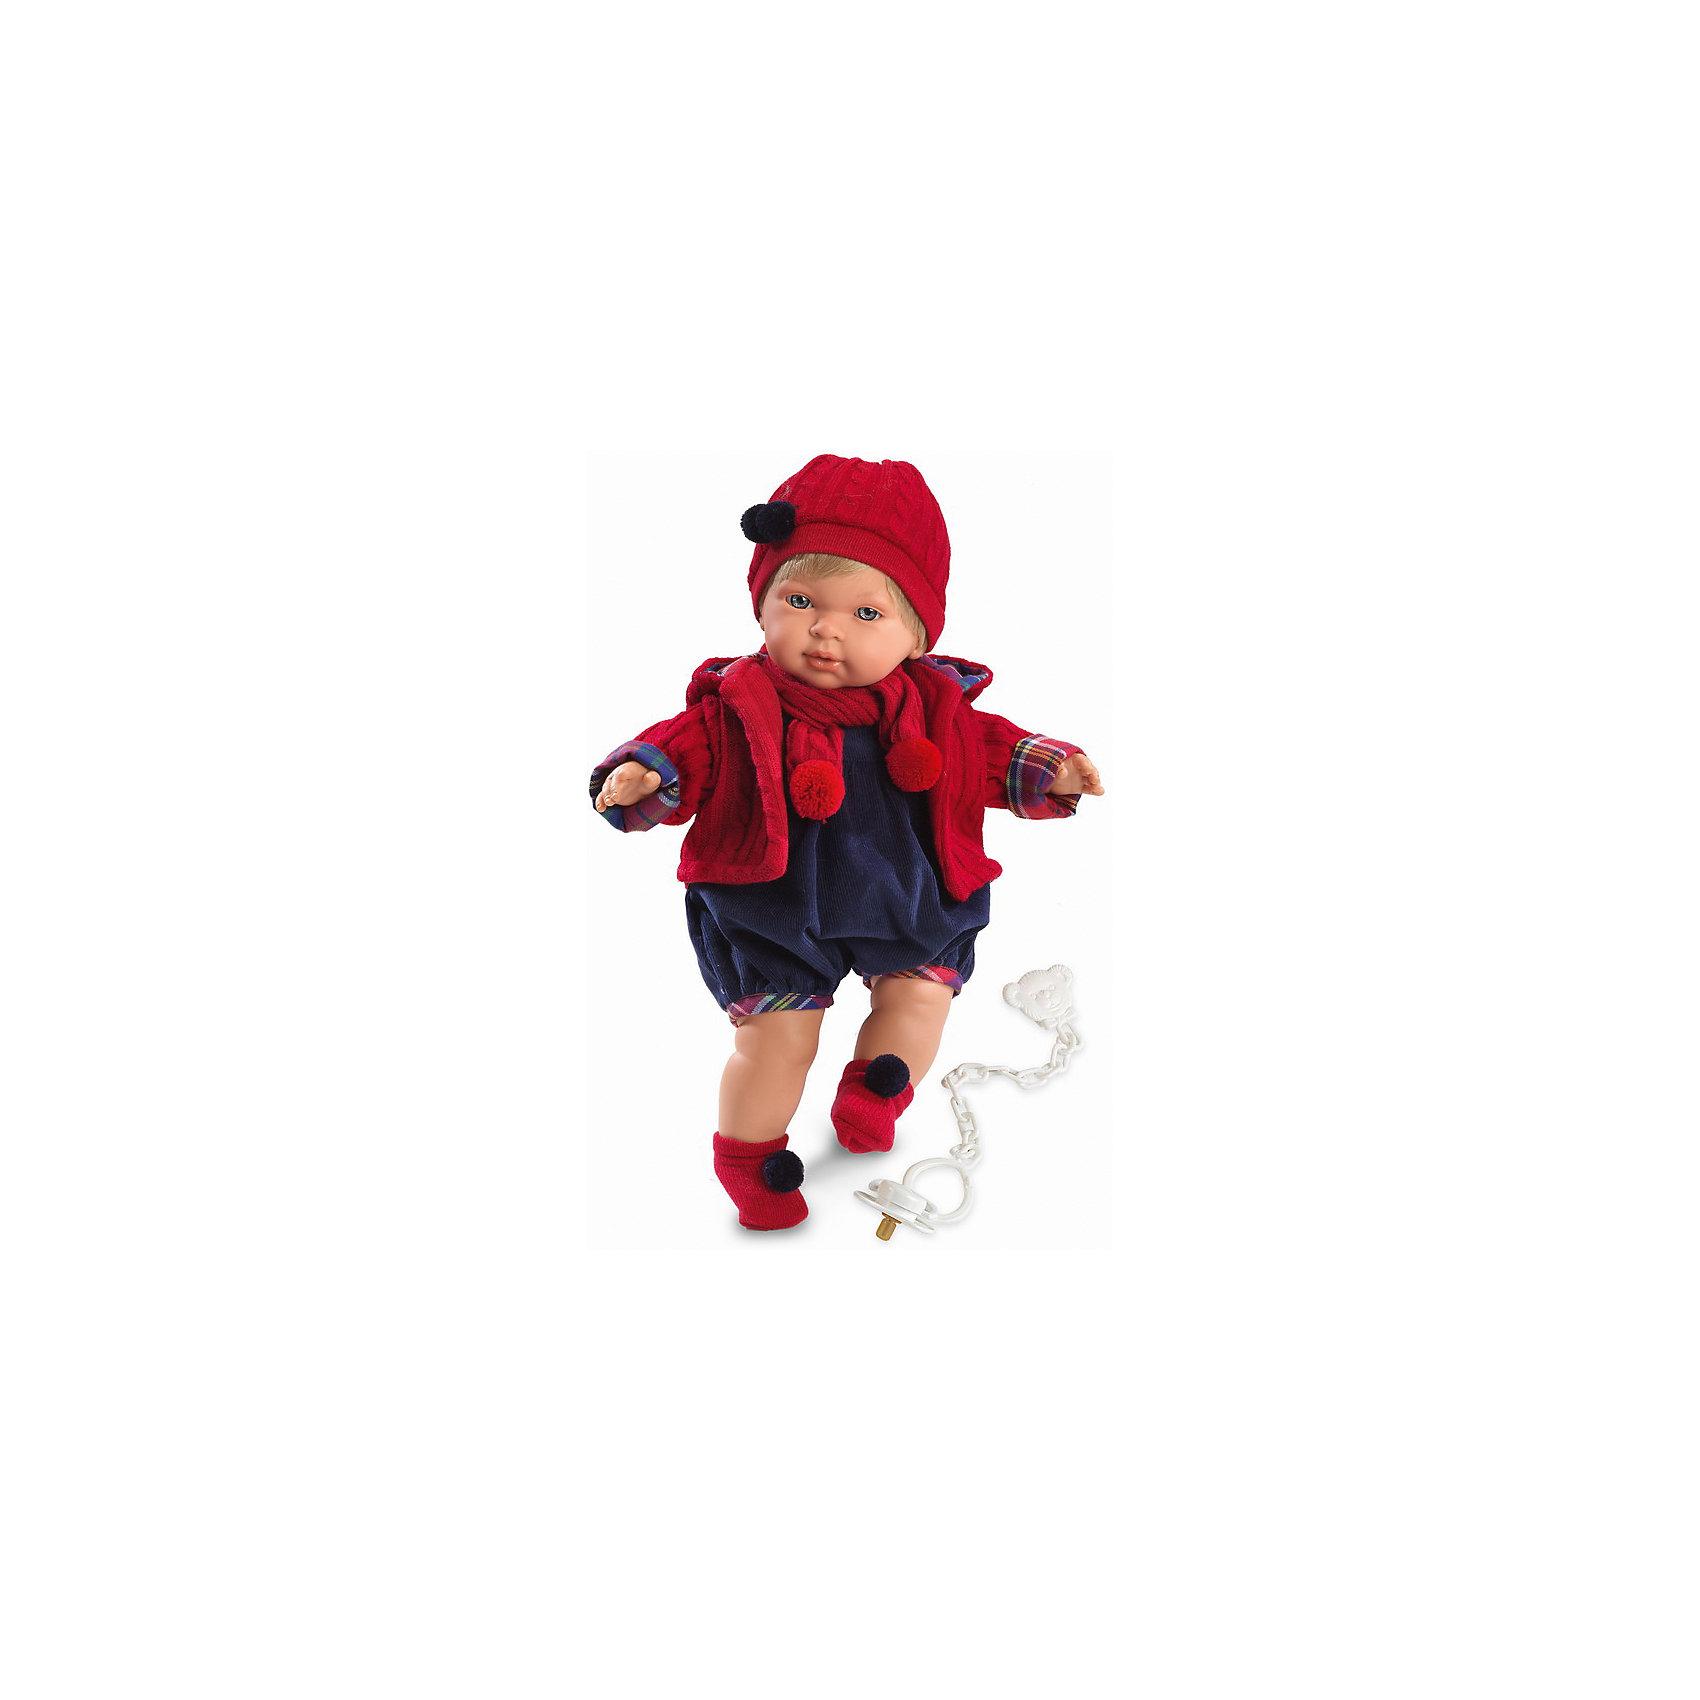 Кукла Мигуэль, 42 см, LlorensКлассические куклы<br>Характеристики:<br><br>• Предназначение: для сюжетно-ролевых игр<br>• Тип куклы: мягконабивная<br>• Пол куклы: мальчик <br>• Цвет волос: блондин<br>• Материал: поливинилхлорид, пластик, нейлон, текстиль<br>• Цвет: красный, синий<br>• Высота куклы: 38 см<br>• Комплектация: кукла, комбинезон, кофточка, носочки, шапочка, шарфик, пустышка с держателем<br>• Звуковые эффекты: плачет, произносит мама и папа<br>• Батарейки: з шт. типа AG13/LR44 (предусмотрены в комплекте)<br>• Вес: 1 кг 200 г<br>• Размеры упаковки (Д*В*Ш): 23*45*12 см<br>• Упаковка: подарочная картонная коробка <br>• Особенности ухода: допускается деликатная стирка без использования красящих и отбеливающих средств предметов одежды куклы<br><br>Кукла Мигуэль 38 см – кукла, производителем которого является всемирно известный испанский кукольный бренд Llorens. Куклы этой торговой марки имеют свою неповторимую внешность и целую линейку образов как пупсов, так и кукол-малышей. Игрушки выполнены из сочетания поливинилхлорида и пластика, что позволяет с высокой долей достоверности воссоздать физиологические и мимические особенности маленьких детей. При изготовлении кукол Llorens используются только сертифицированные материалы, безопасные и не вызывающие аллергических реакций. Волосы у кукол отличаются густотой, шелковистостью и блеском, при расчесывании они не выпадают и не ломаются.<br>Кукла Мигуэль 38 см выполнена в образе малыша: голубые глаза и светлые волосы делают образ куклы необычайно очаровательным. В комплект одежды Мигуэля входит теплый комбинезон, теплая вязаная кофточка с капюшоном, шапочка с помпоном и носочки с помпончиками. Мигуэль умеет плакать, а также говорить мама и папа. Чтобы малыш не плакал, у него имеется соска с держателем. <br>Кукла Мигуэль 38 см – это идеальный вариант для подарка к различным праздникам и торжествам.<br><br>Куклу Мигуэля 38 см можно купить в нашем интернет-магазине.<br><br>Ширина мм: 23<br>Глубина мм: 45<br>Высота мм: 12